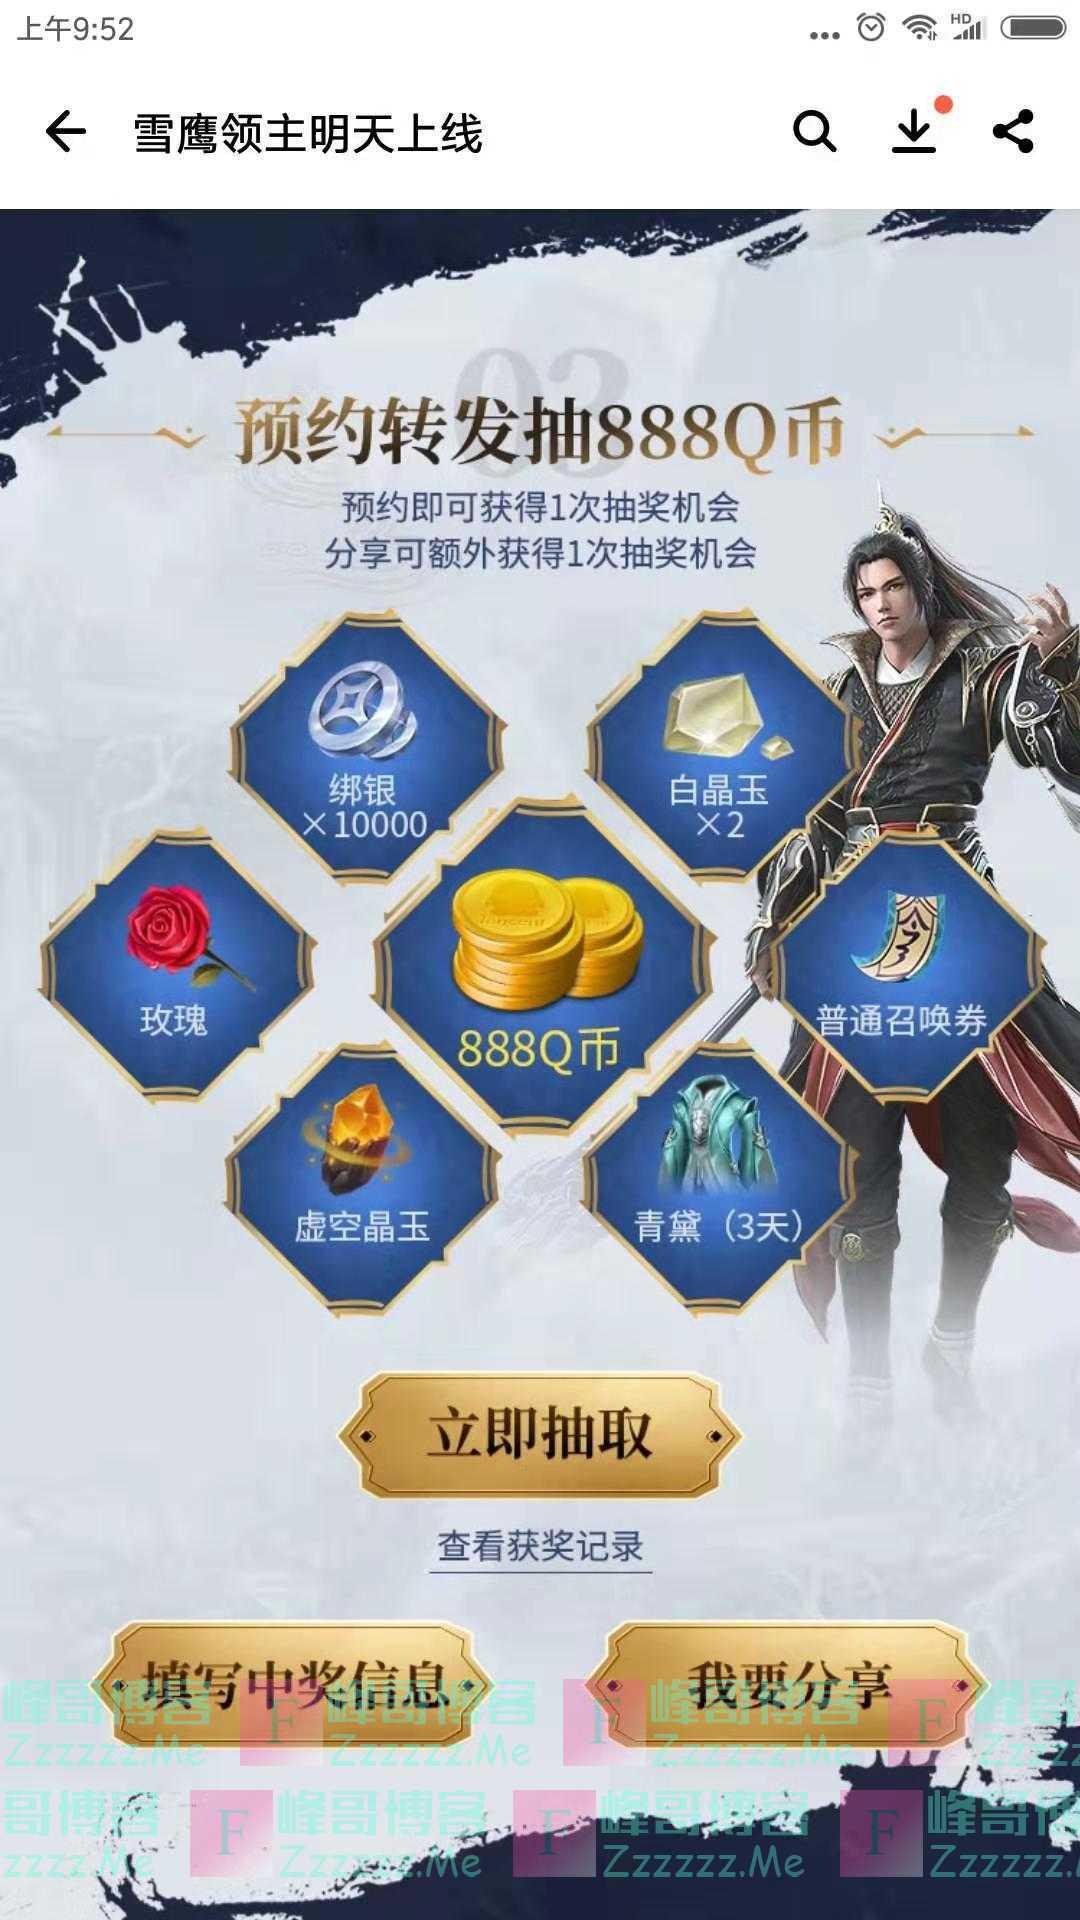 应用宝雪鹰领主 预约转发抽888Q币(截止12月16日)